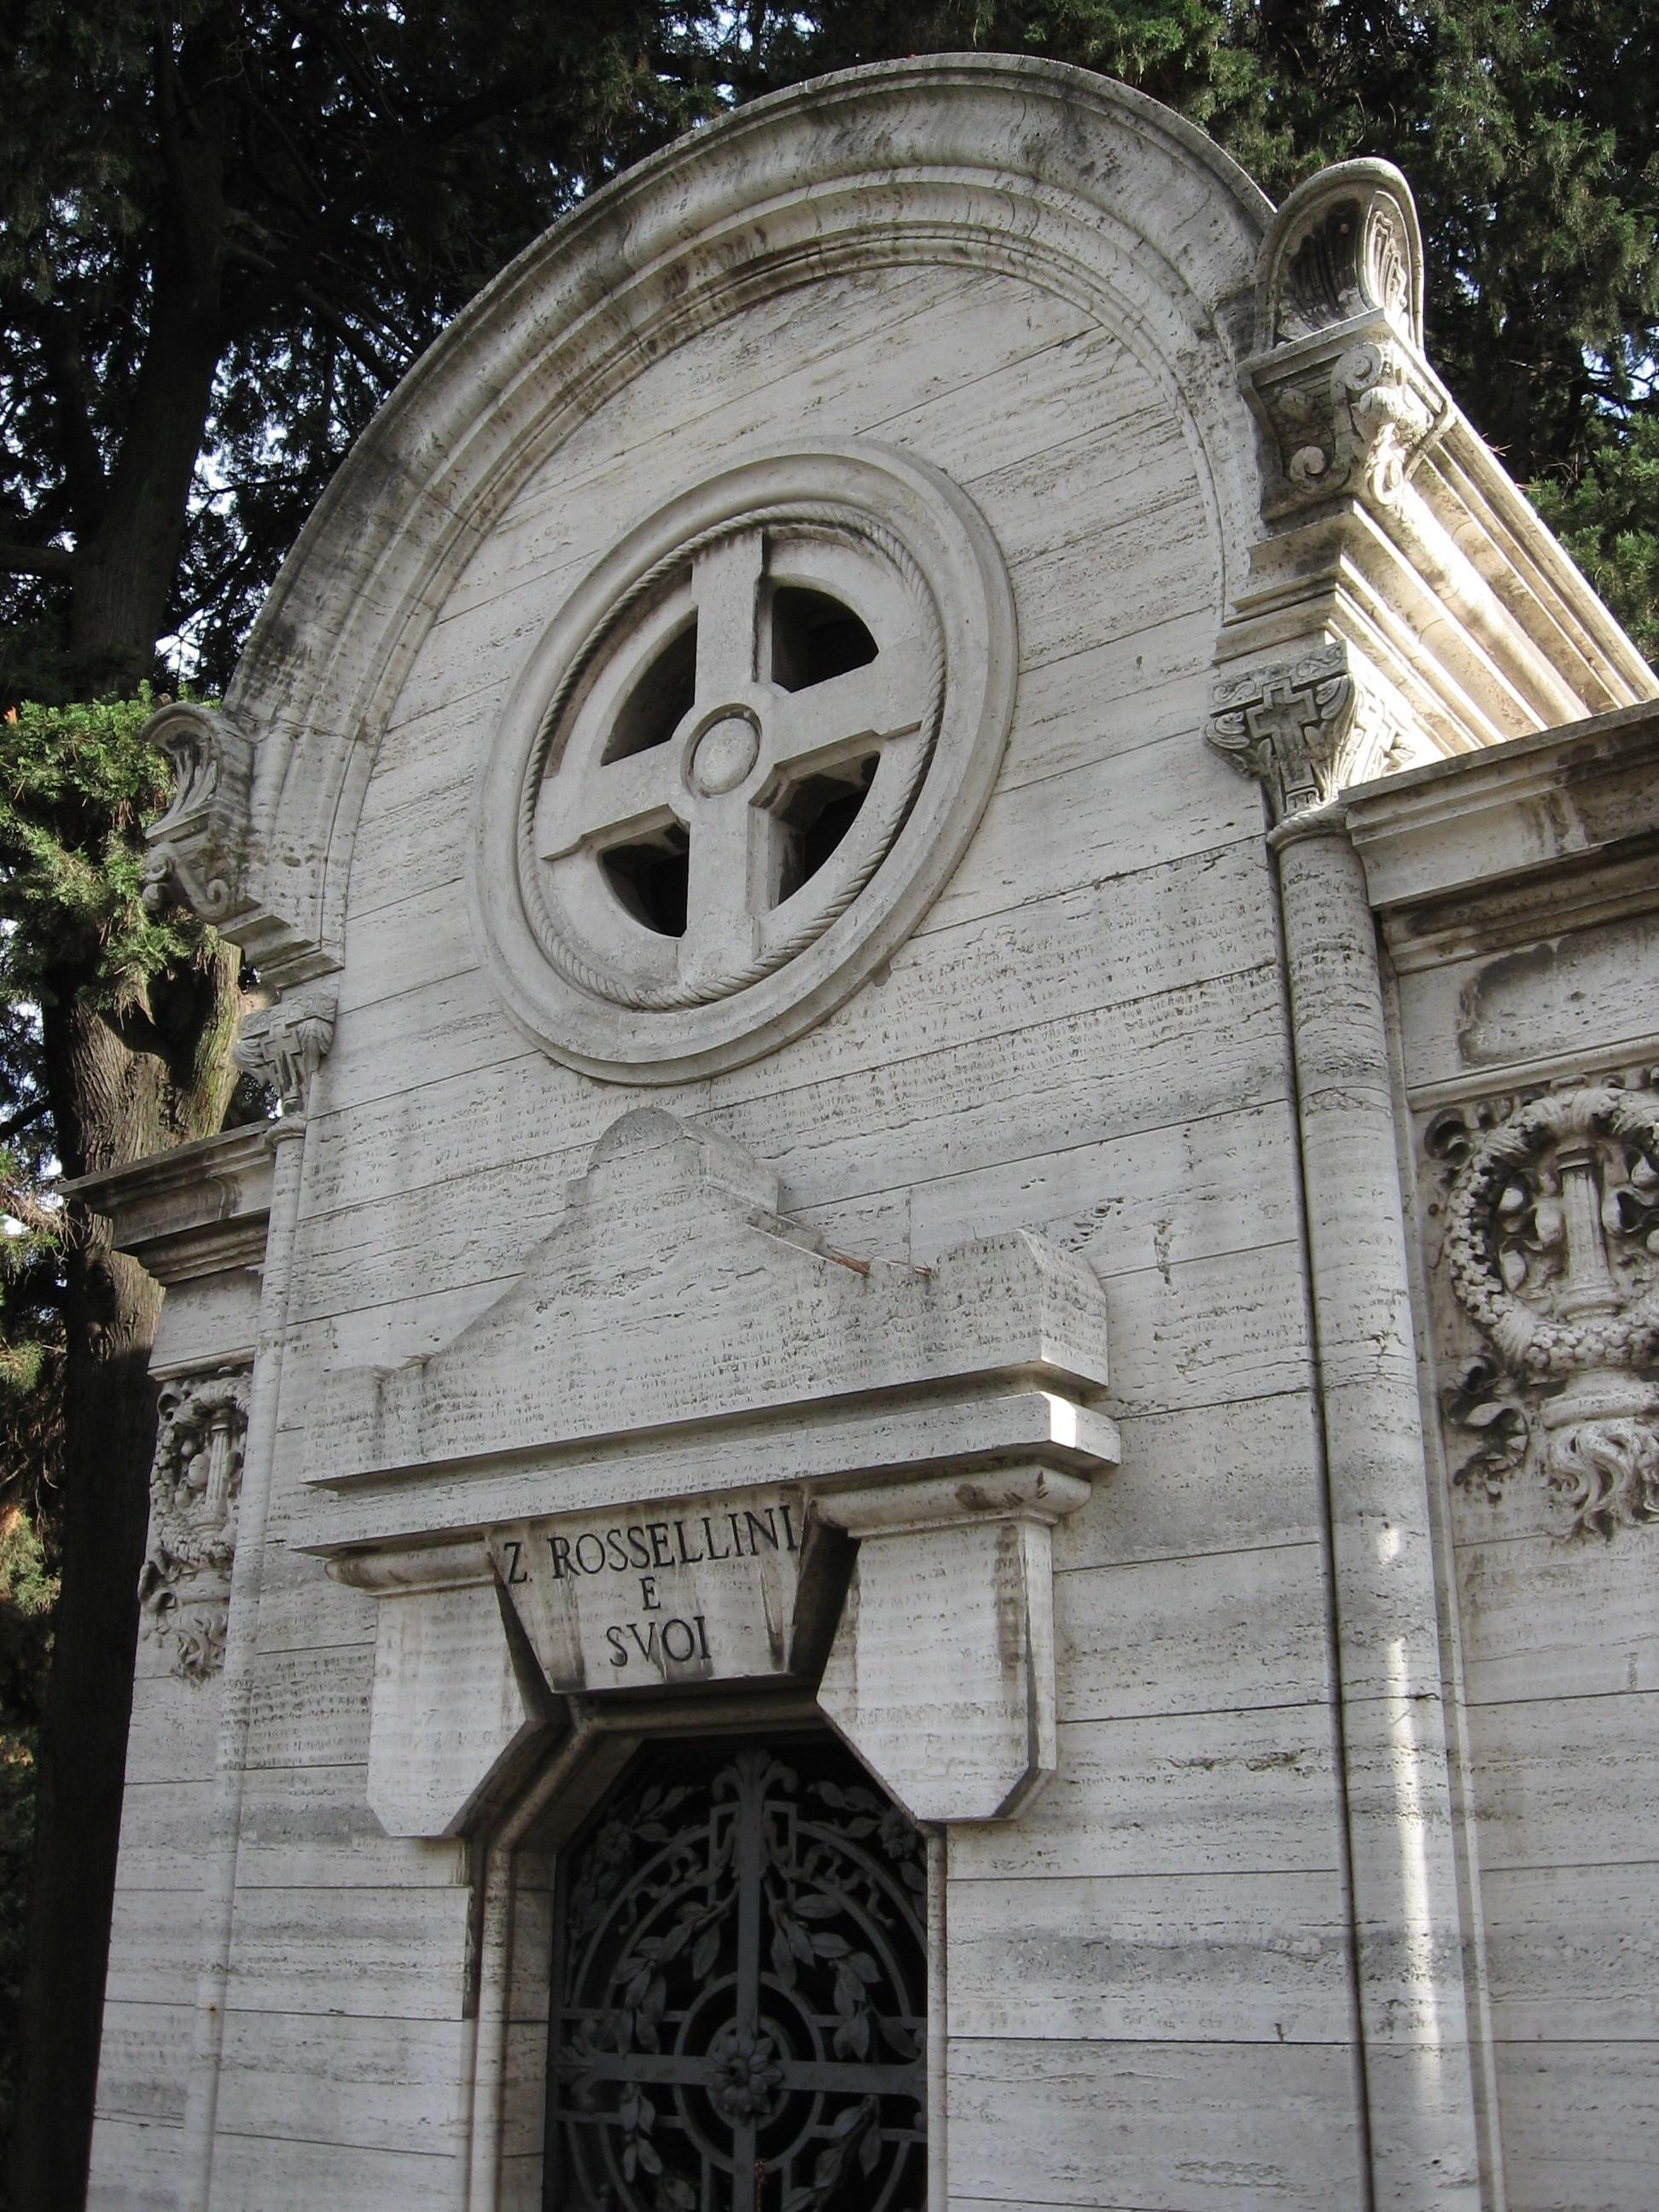 Rosellinin suvun mausoleumi